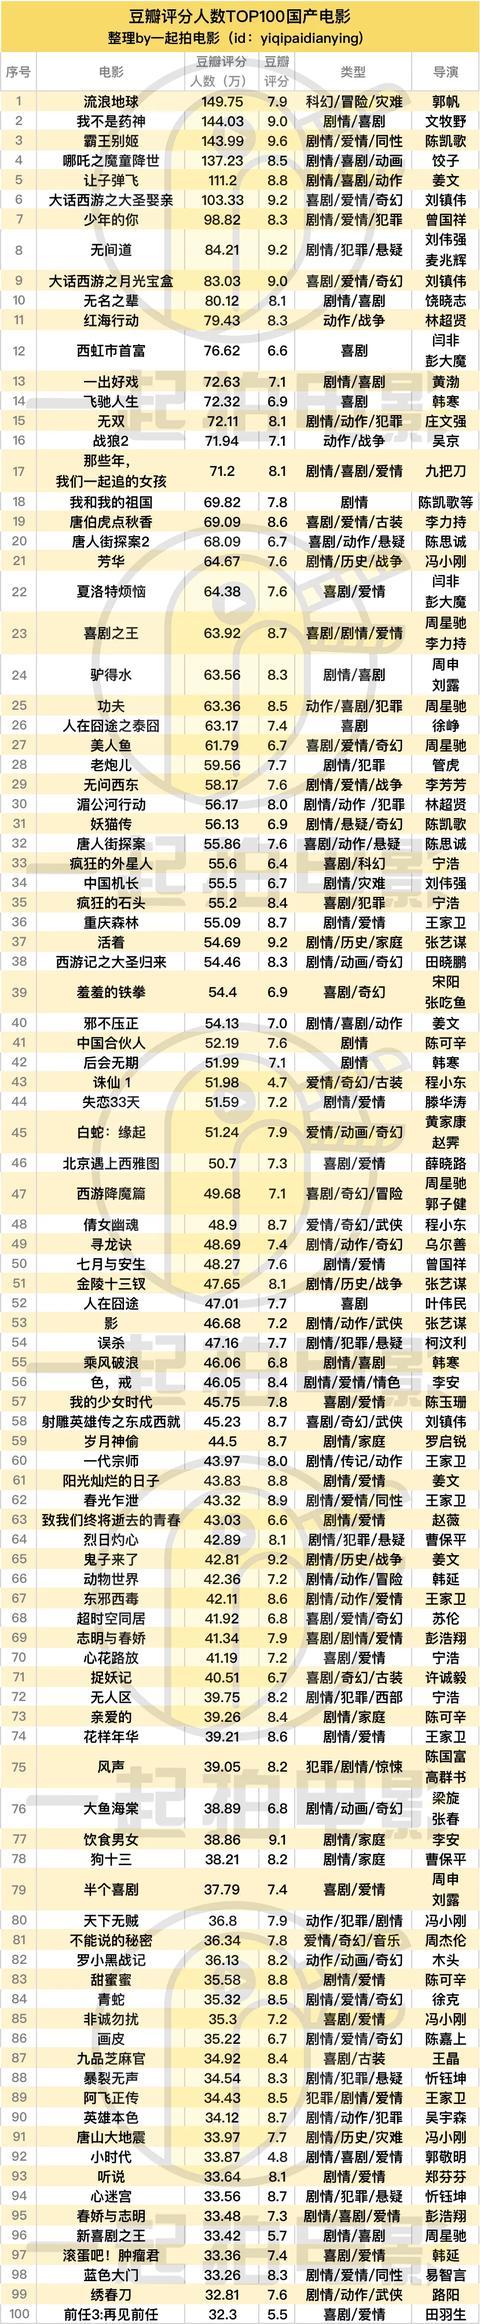 """豆瓣评分人数TOP100国产电影,谁是电影""""宠儿""""?"""